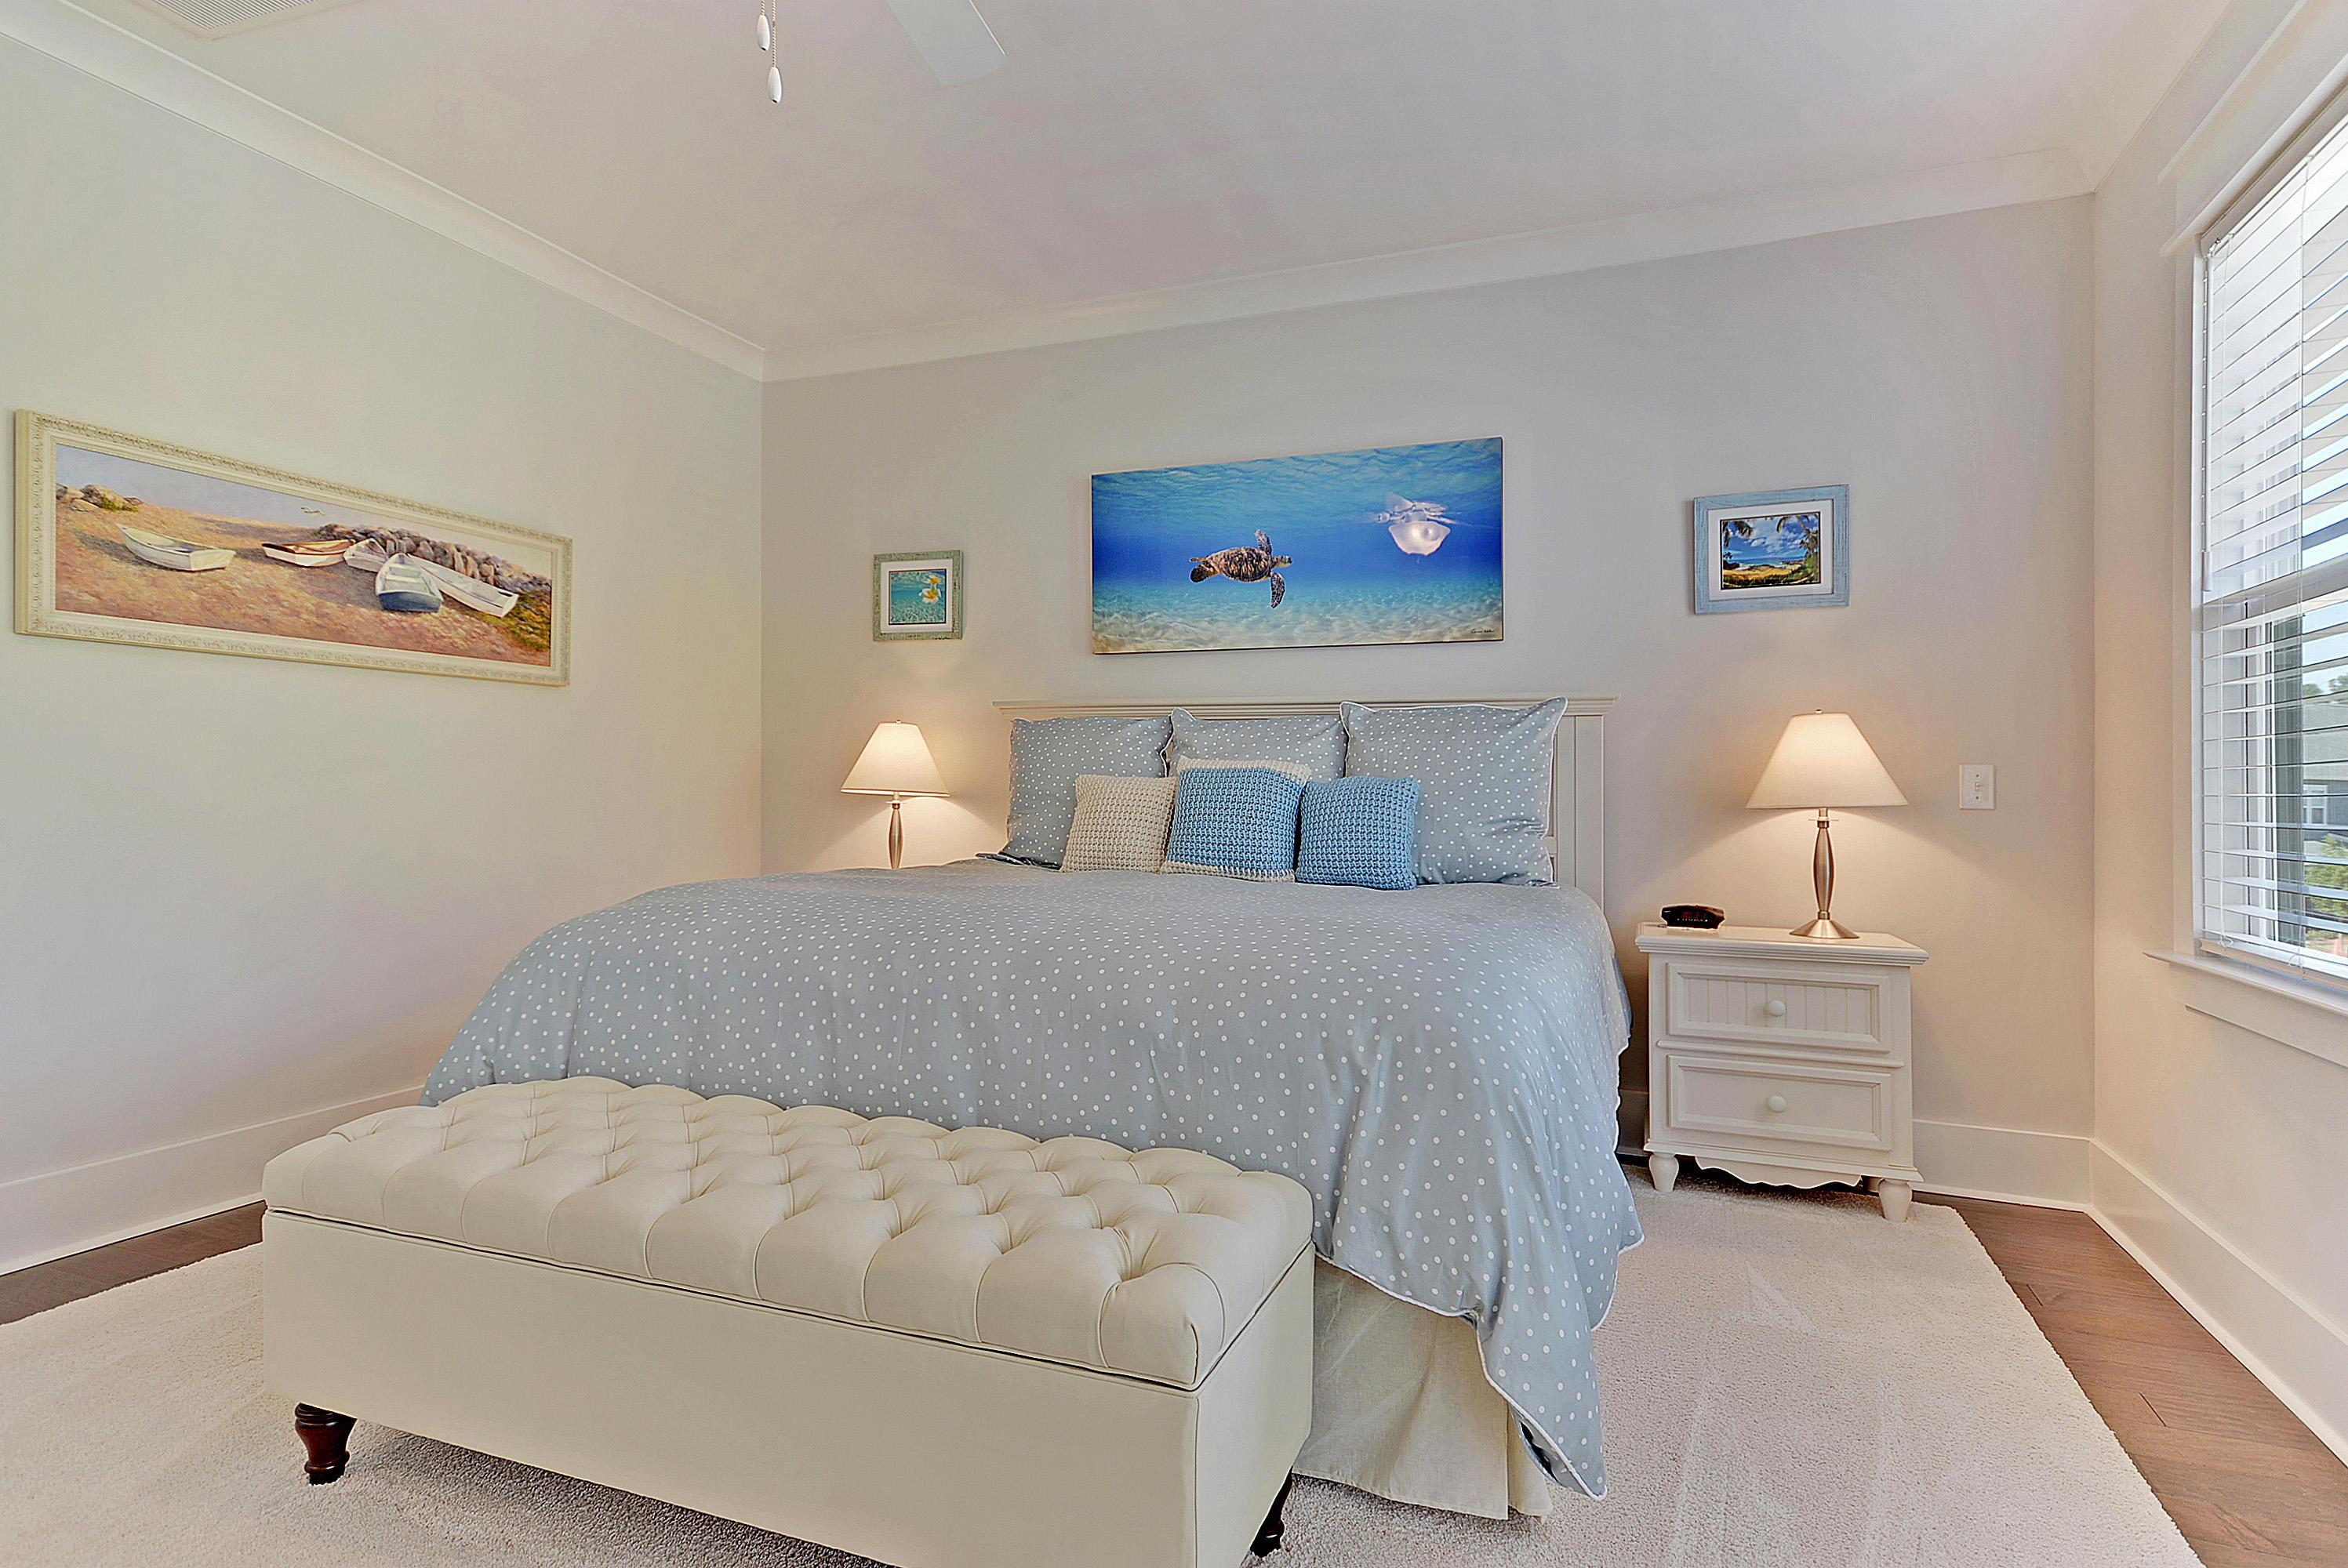 Dunes West Homes For Sale - 2927 Eddy, Mount Pleasant, SC - 22